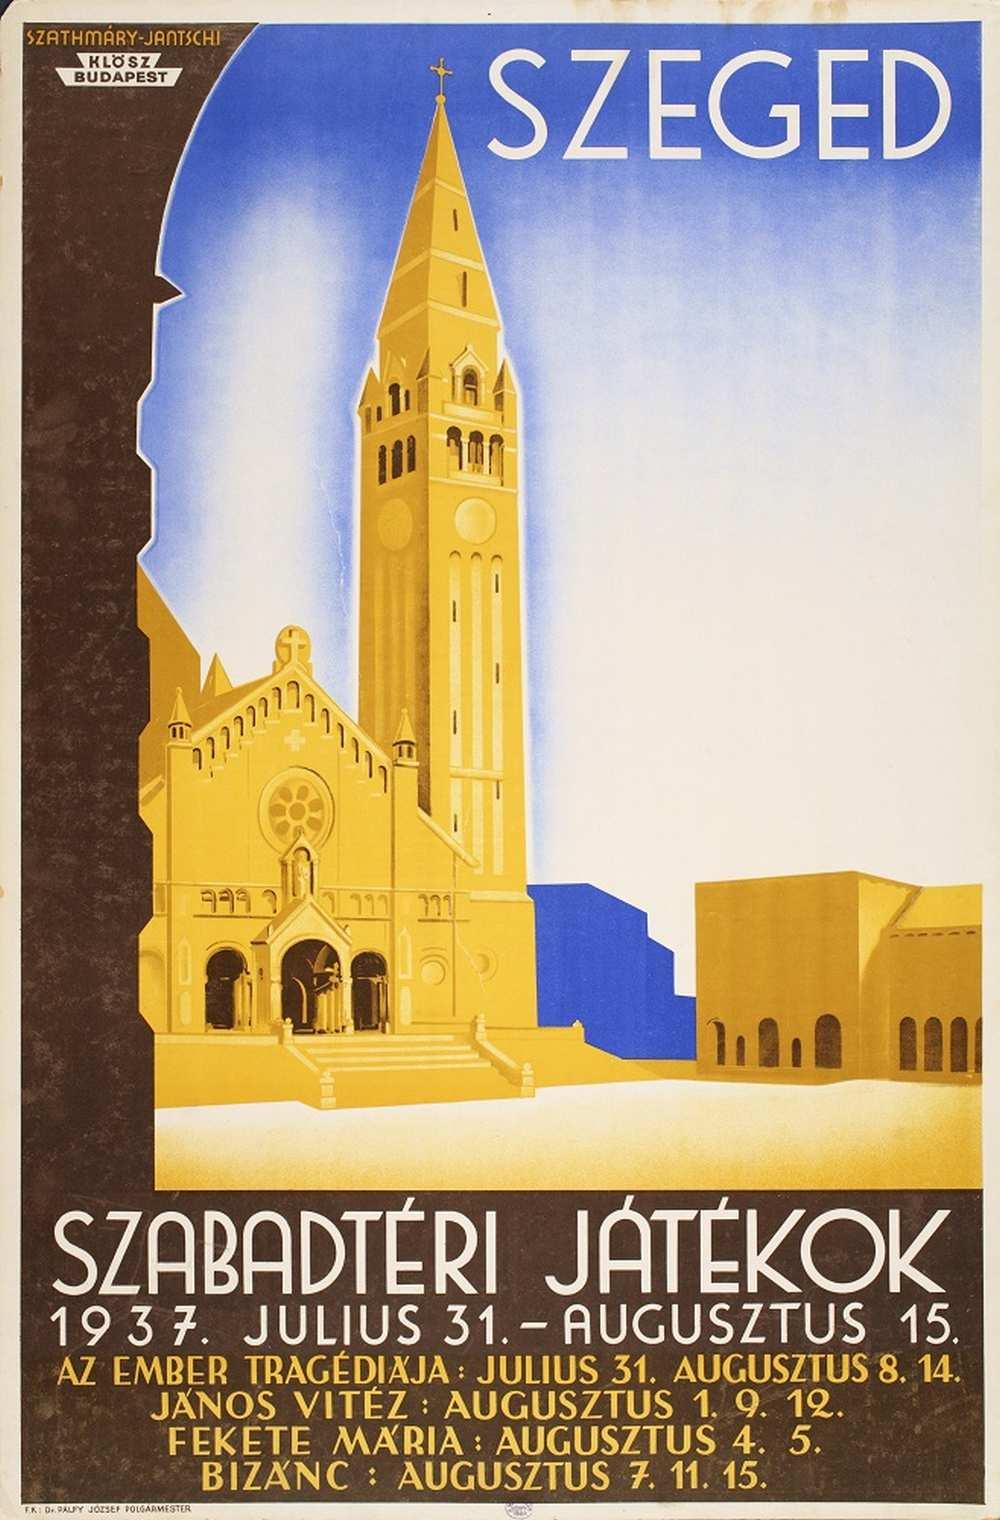 Szathmáry-Jantschi Béla: Szeged Szabadtéri Játékok (1937). Jelzet: PKG.1937/72 – Térkép-, Plakát- és Kisnyomtatványtár http://nektar.oszk.hu/hu/manifestation/2848476